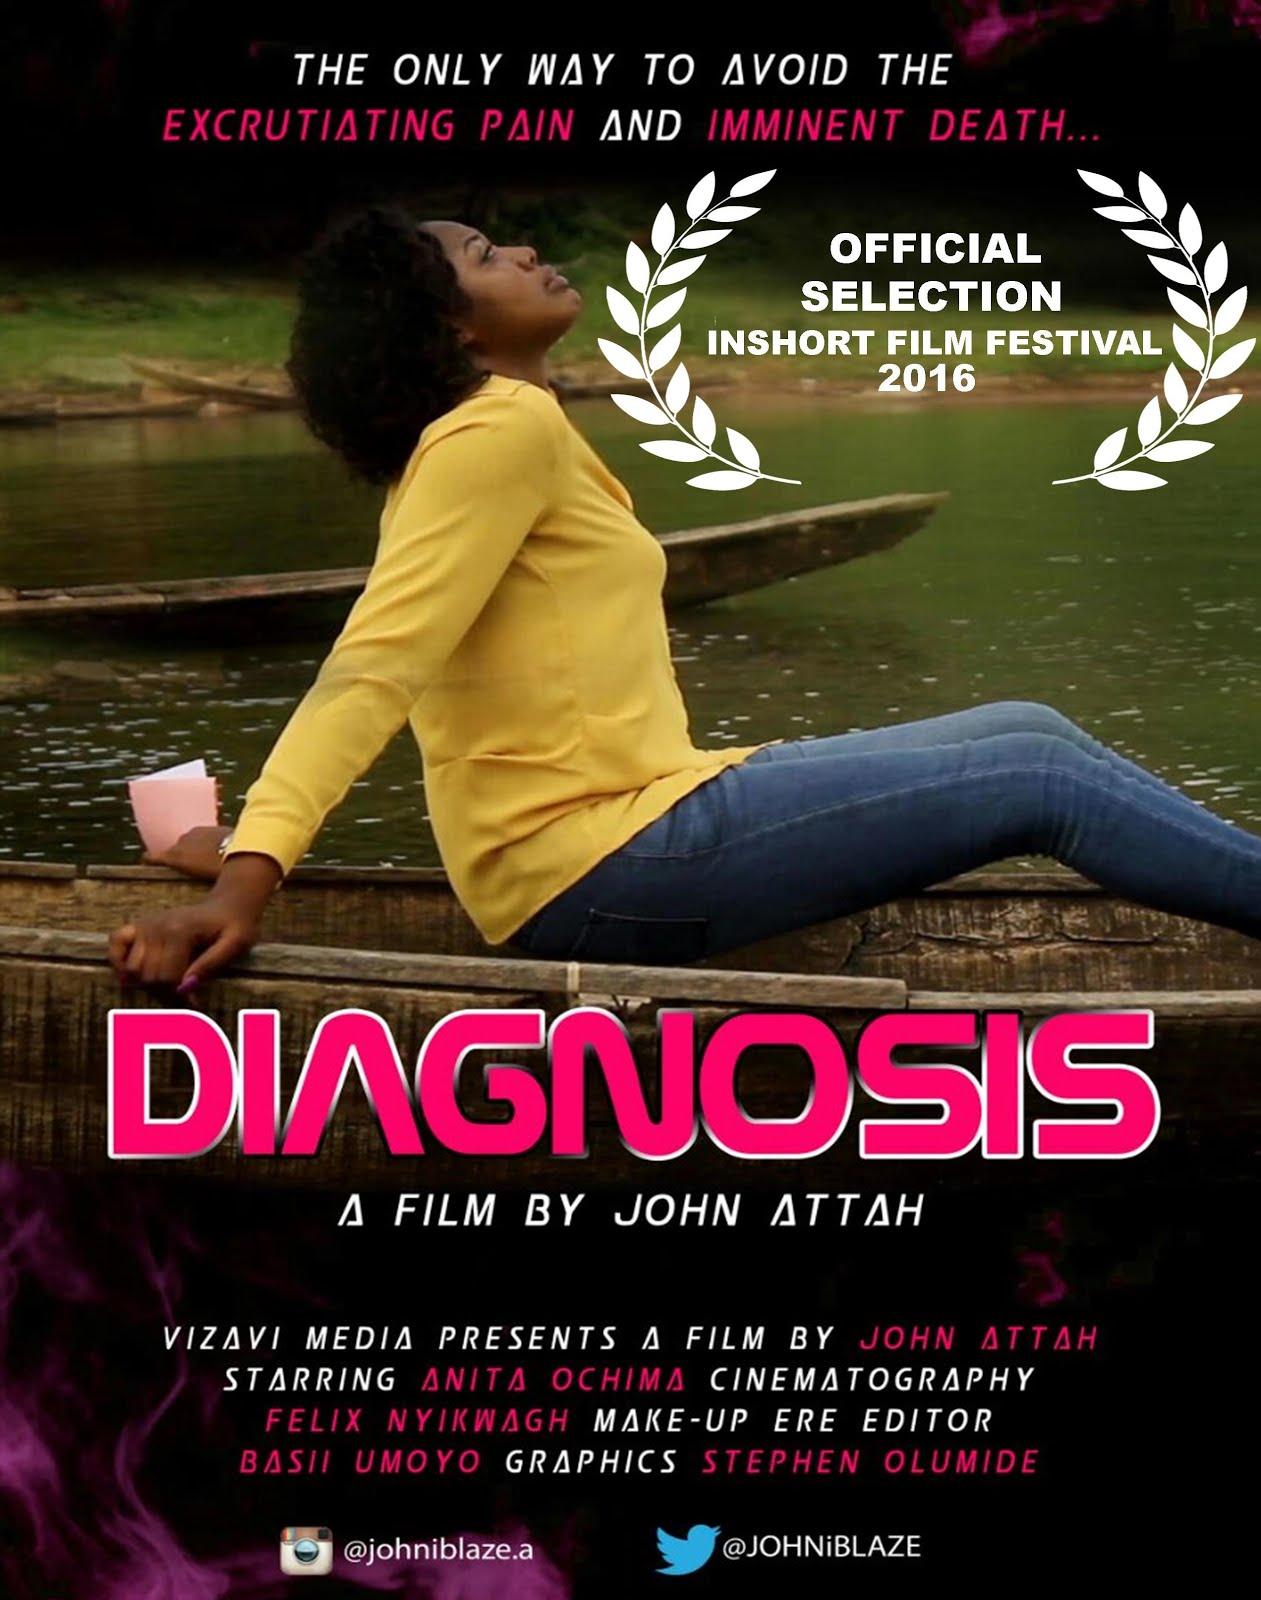 Watch DIAGNOSIS shortfilm.